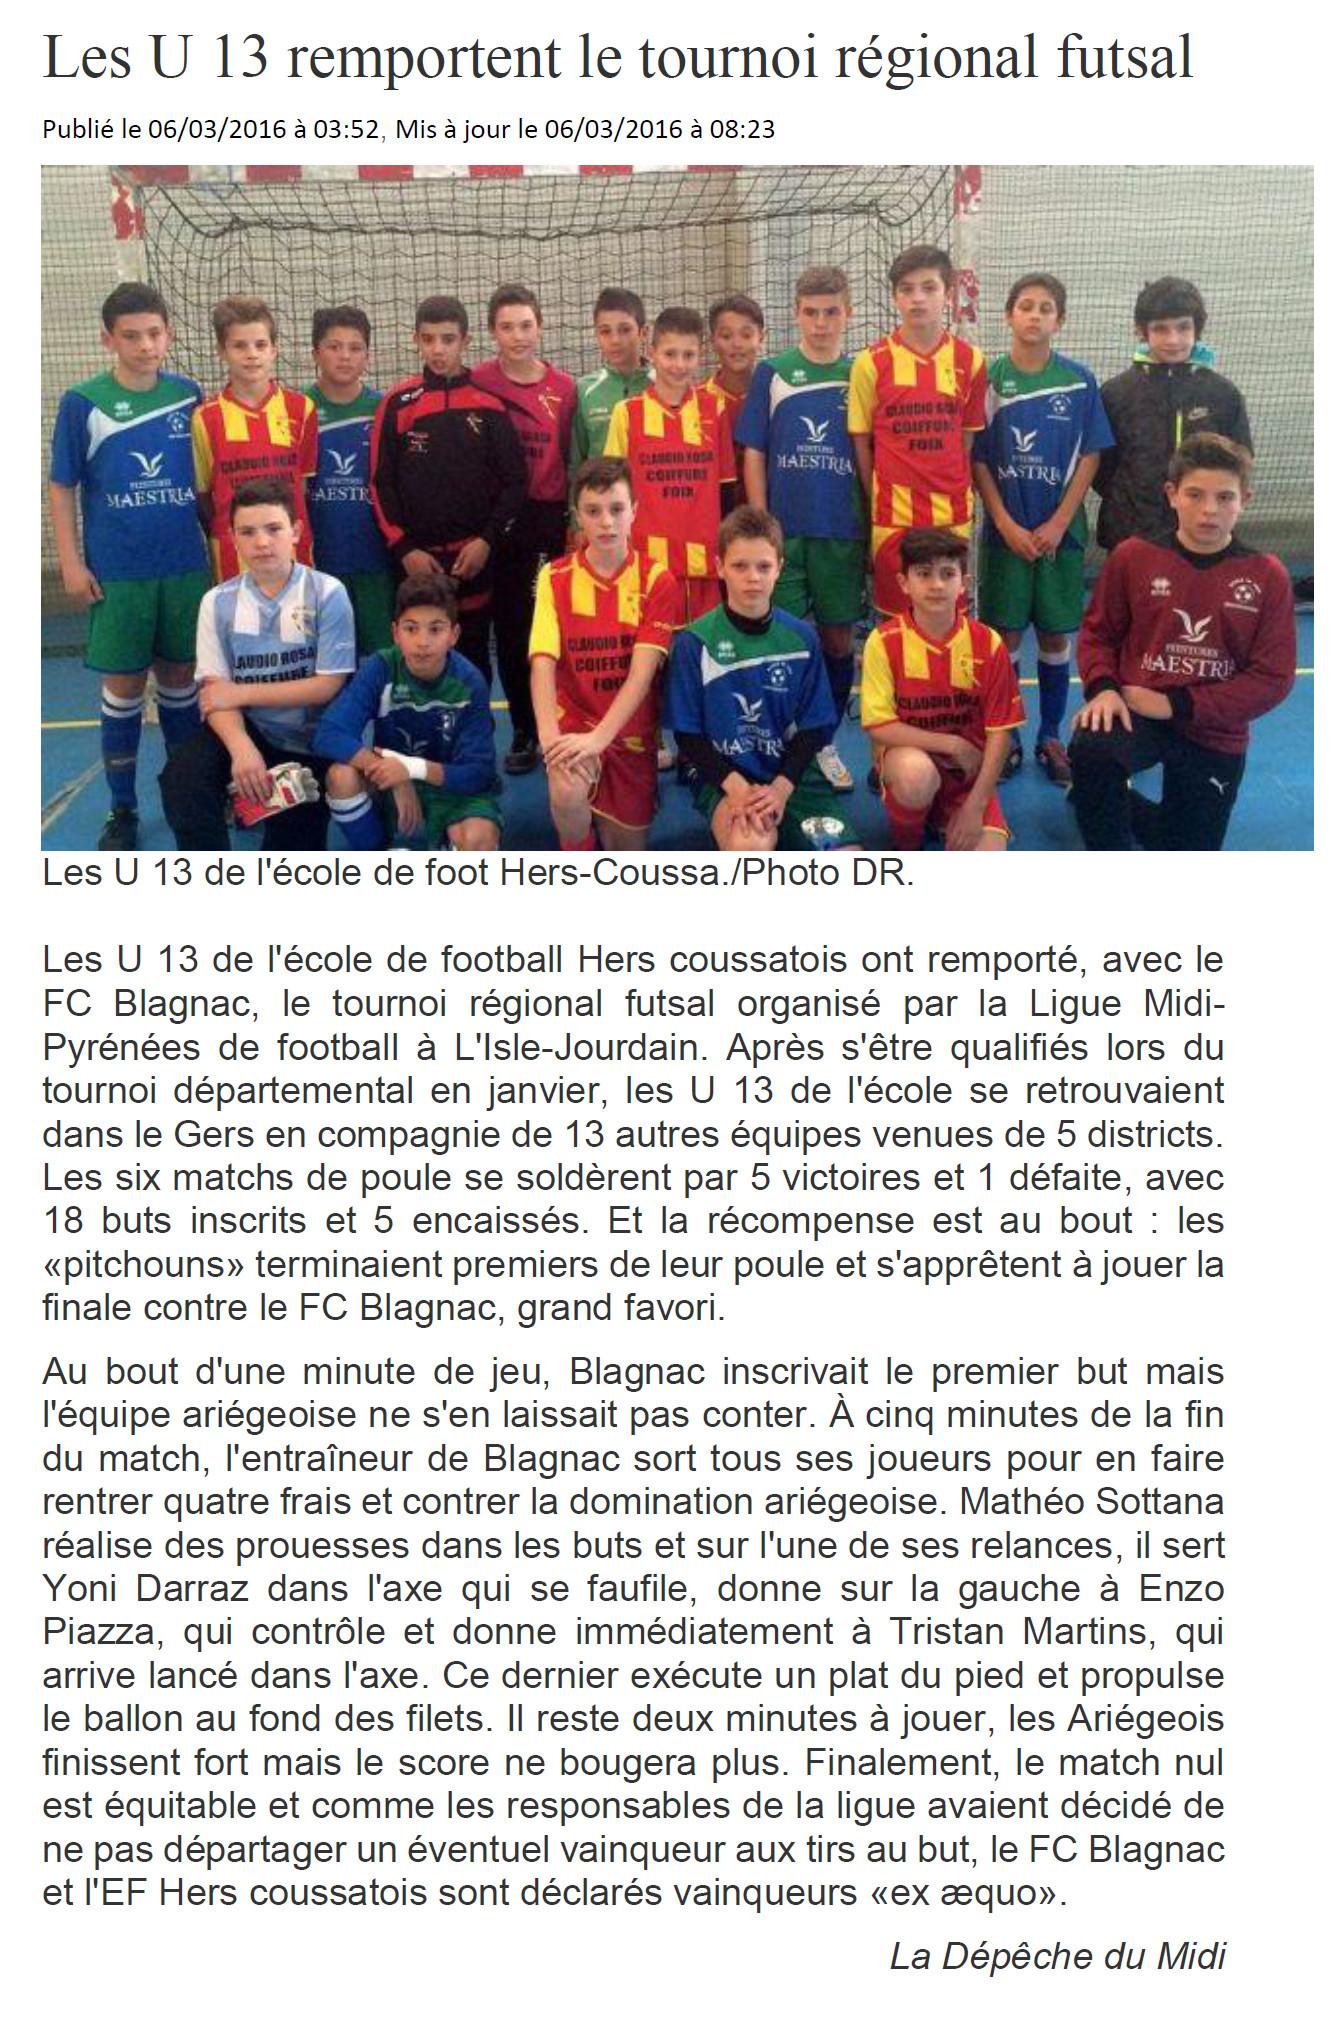 6-mars-2016-les-u13-remportent-le-tournoi-regional-de-futsal